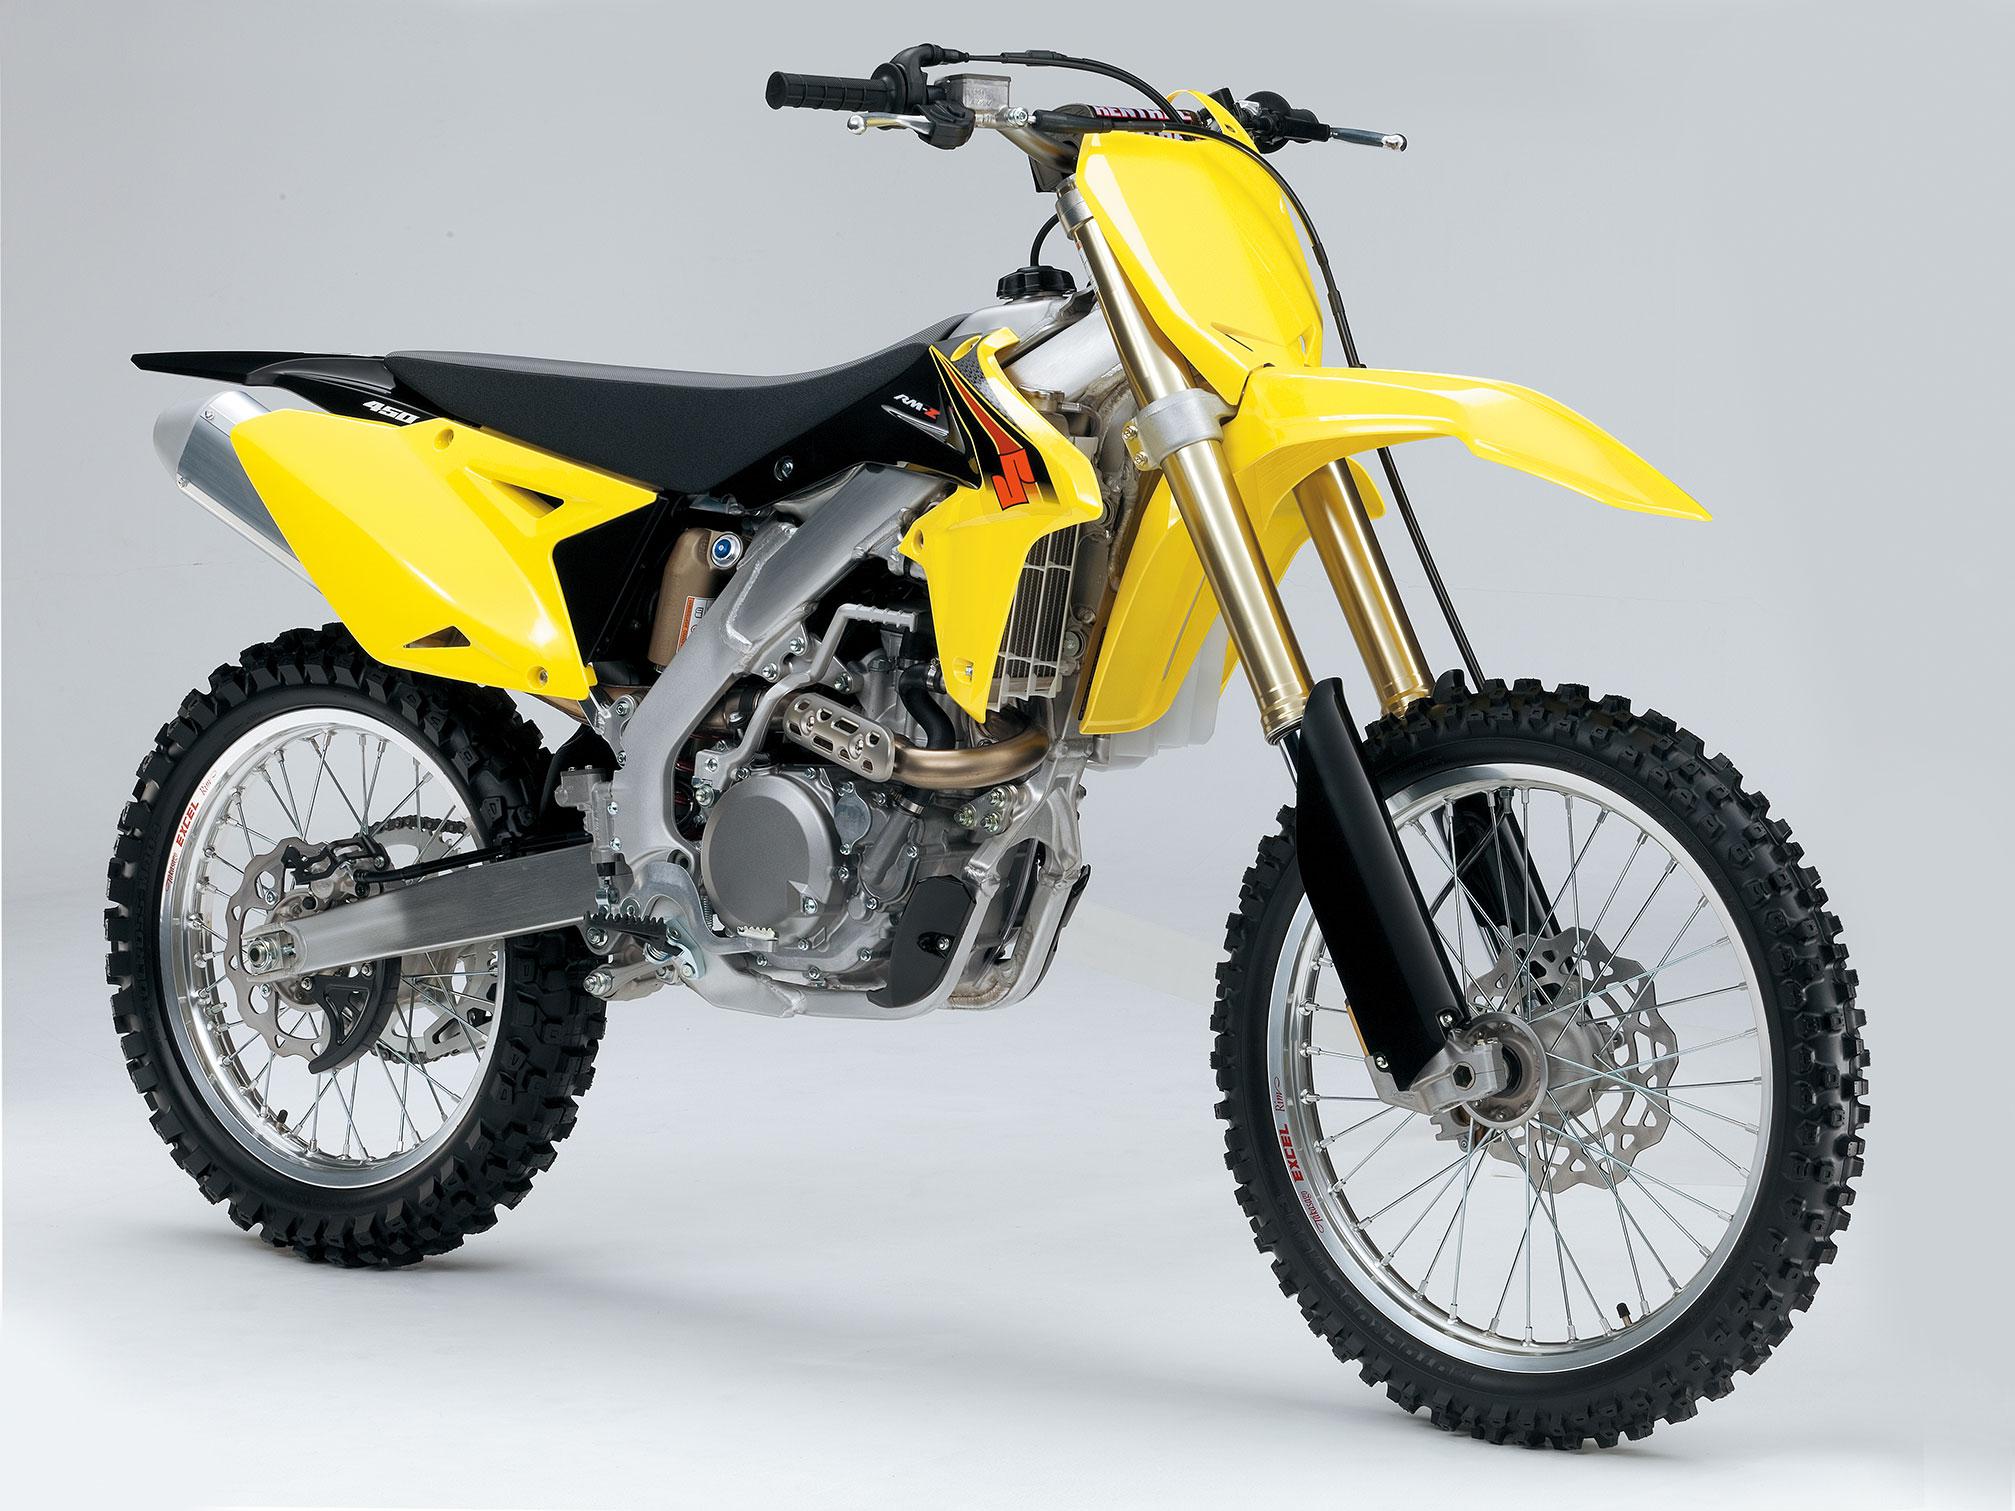 2014-Suzuki-RM-Z250-D3N2068 - Motorcycle.com